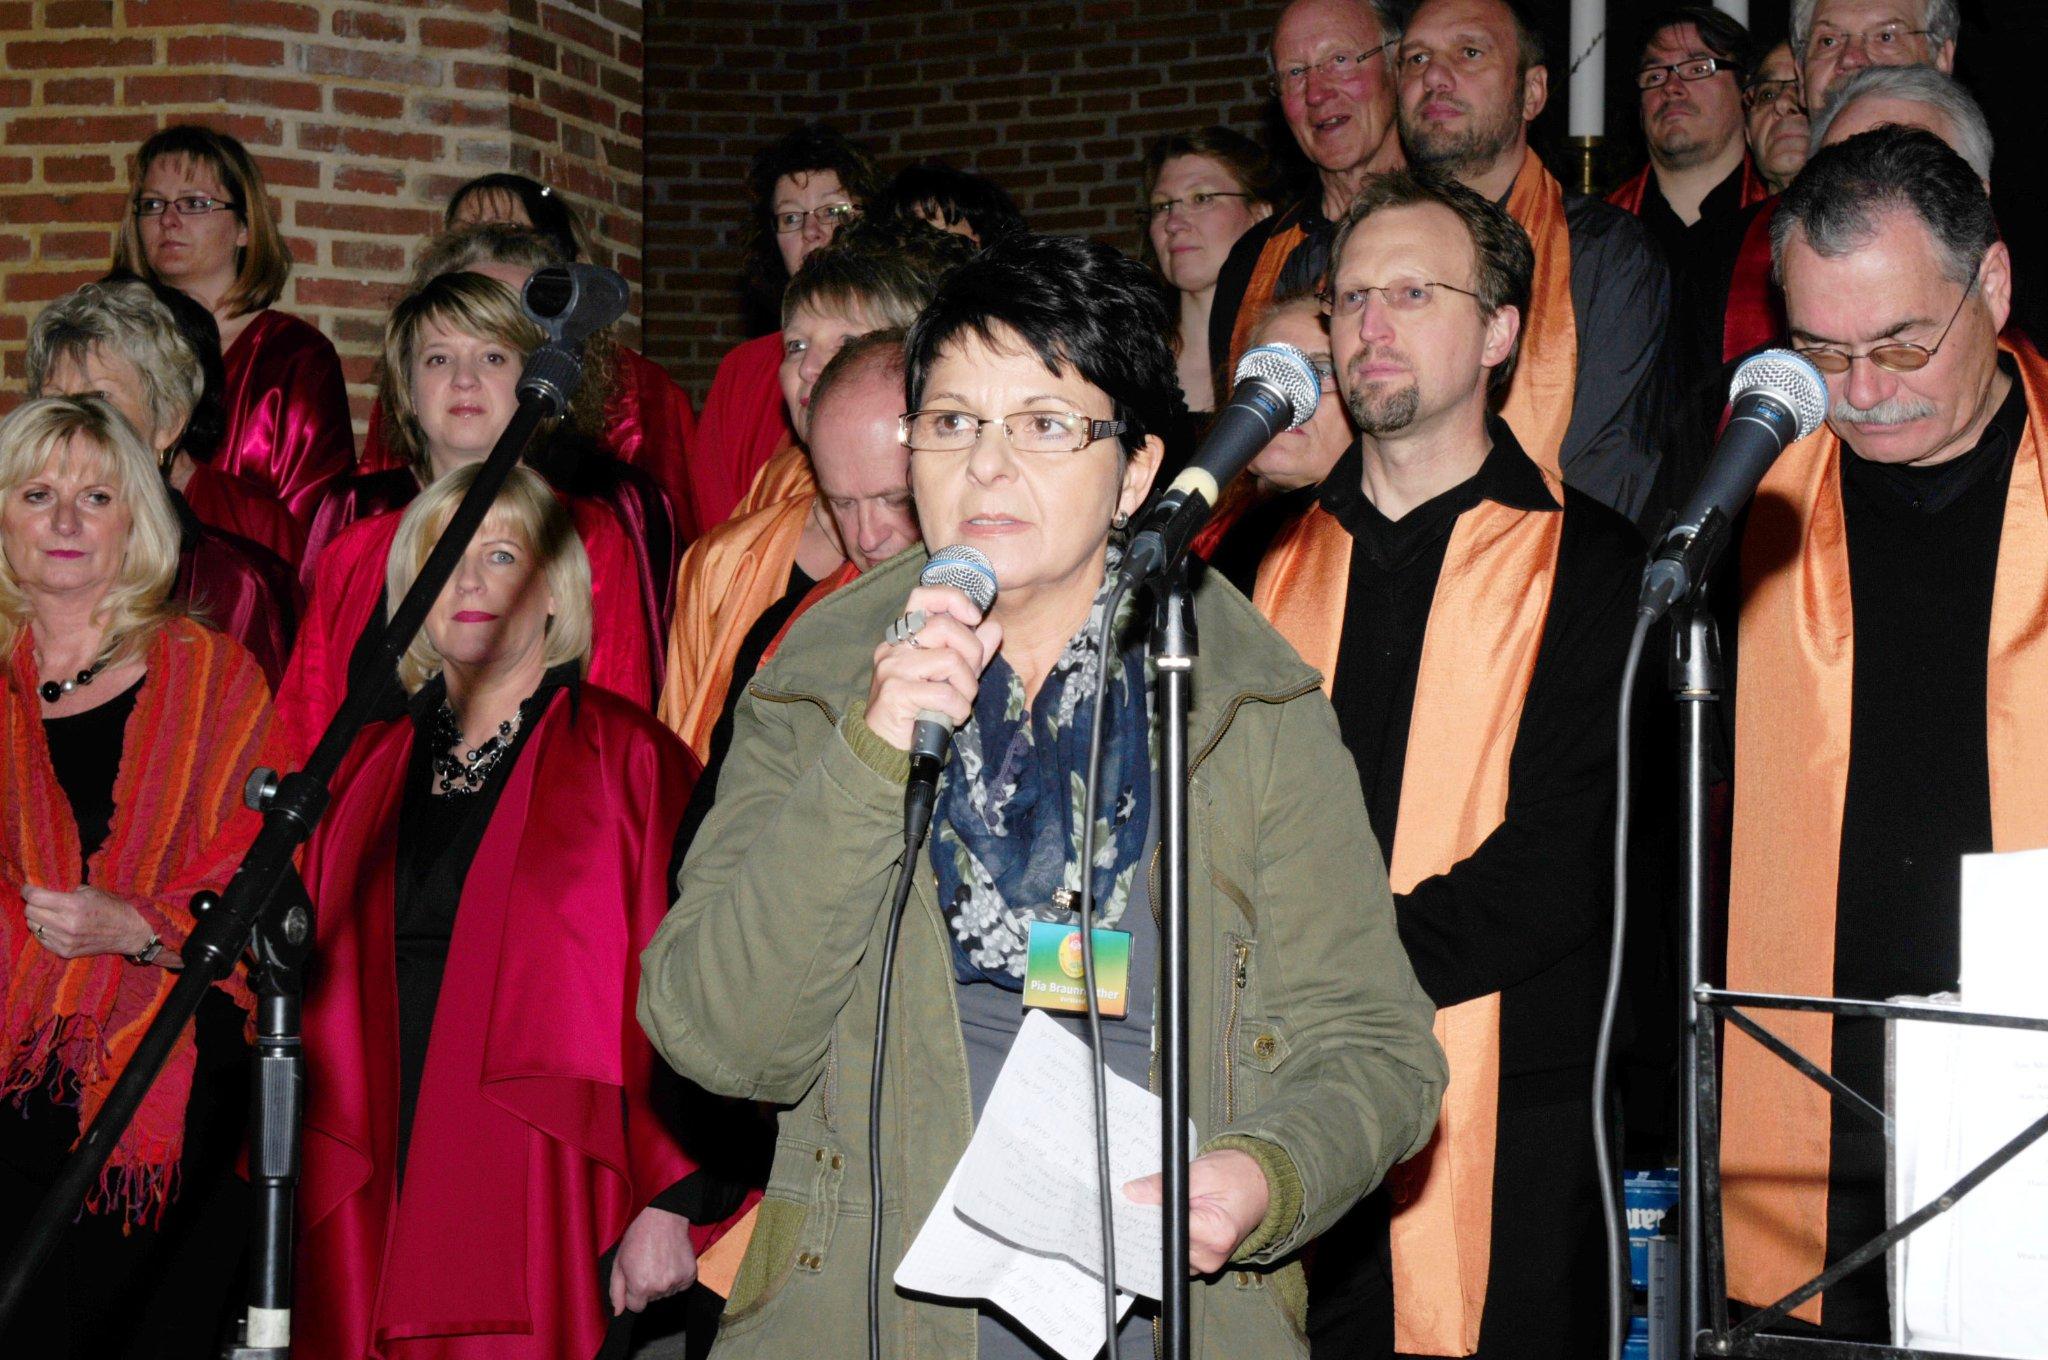 20120422 Reformations Gedaechtniskirche 017